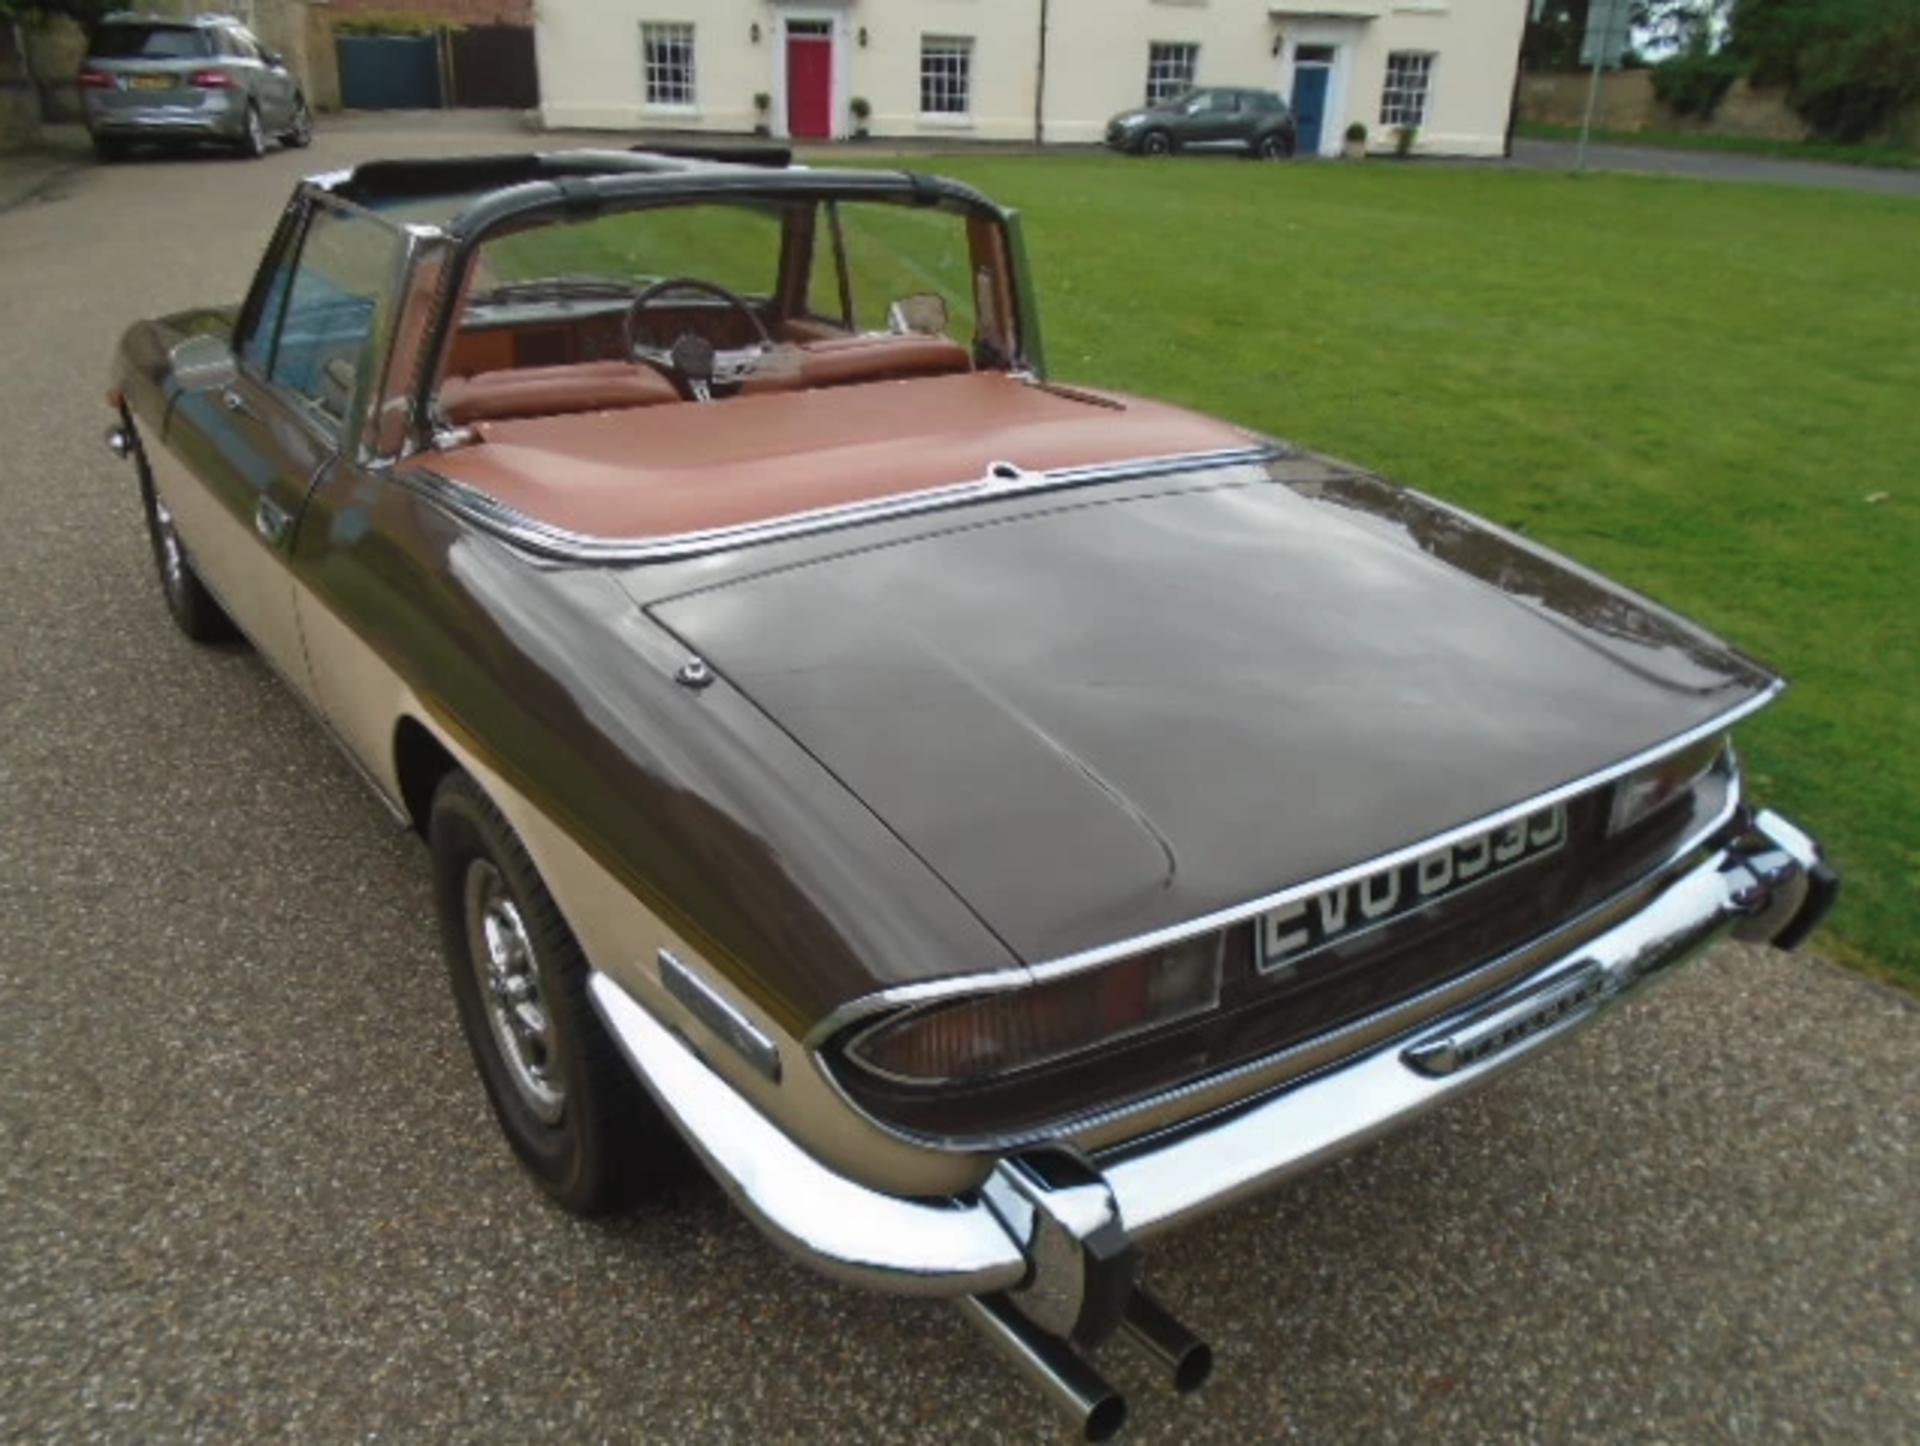 1971 Triumph Stag Mk1 - Image 4 of 6